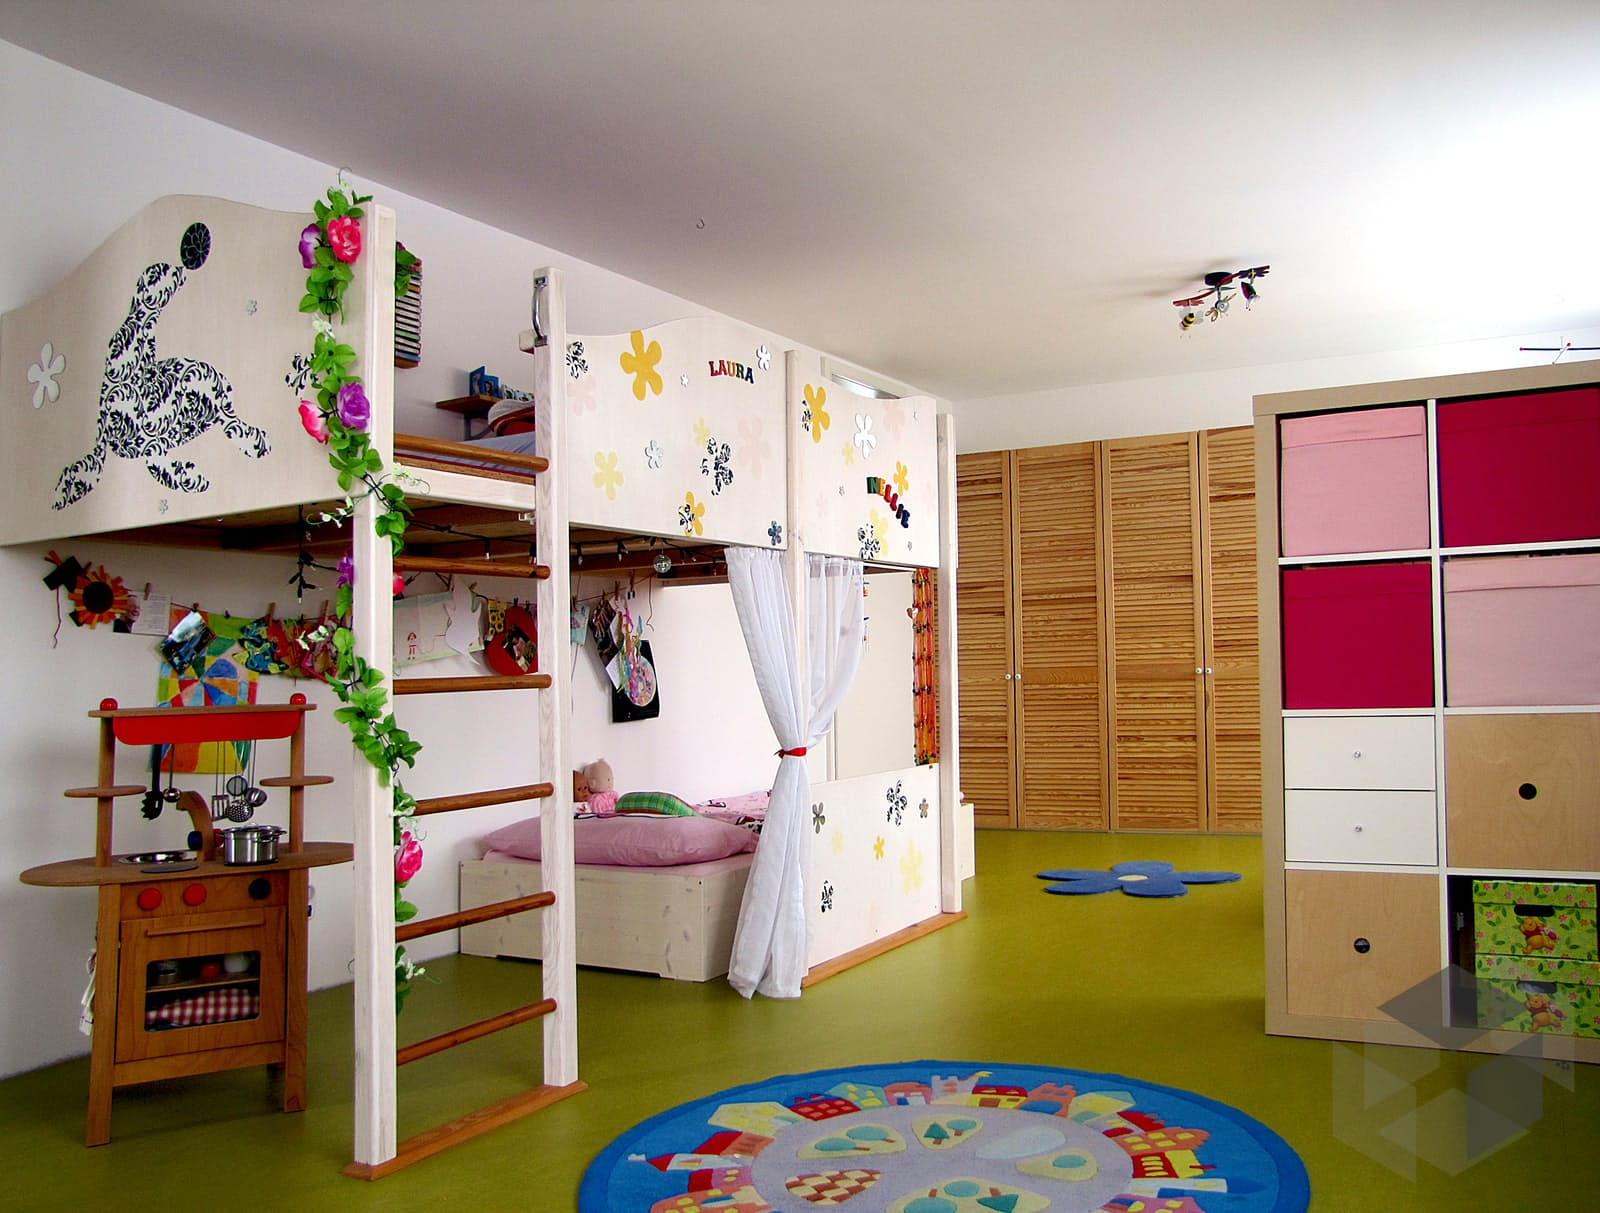 homestory 044 von lehner haus komplette daten bersicht. Black Bedroom Furniture Sets. Home Design Ideas